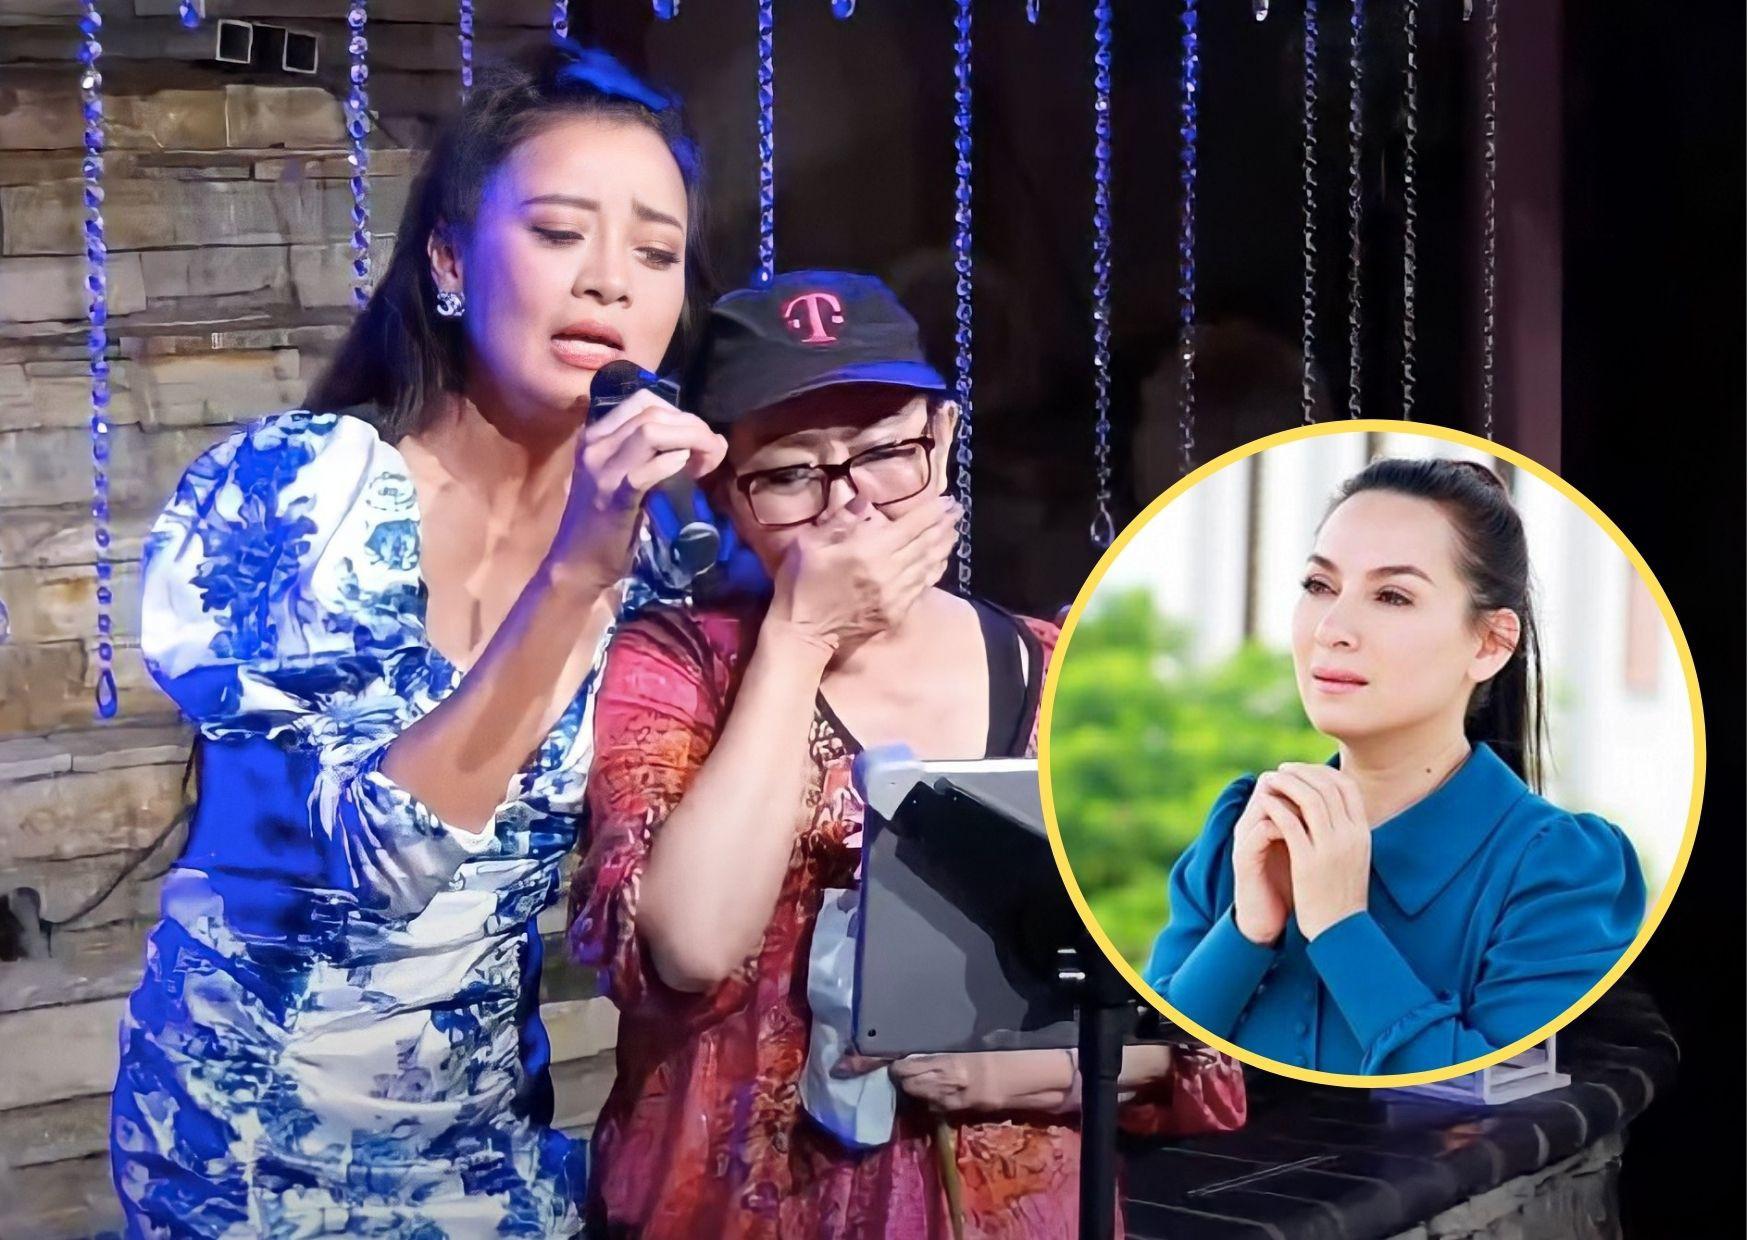 Nghệ sĩ Ngọc Đáng bật khóc khi hát ca khúc 'Vọng Kim Lang' của Phi Nhung /// Chụp màn hình